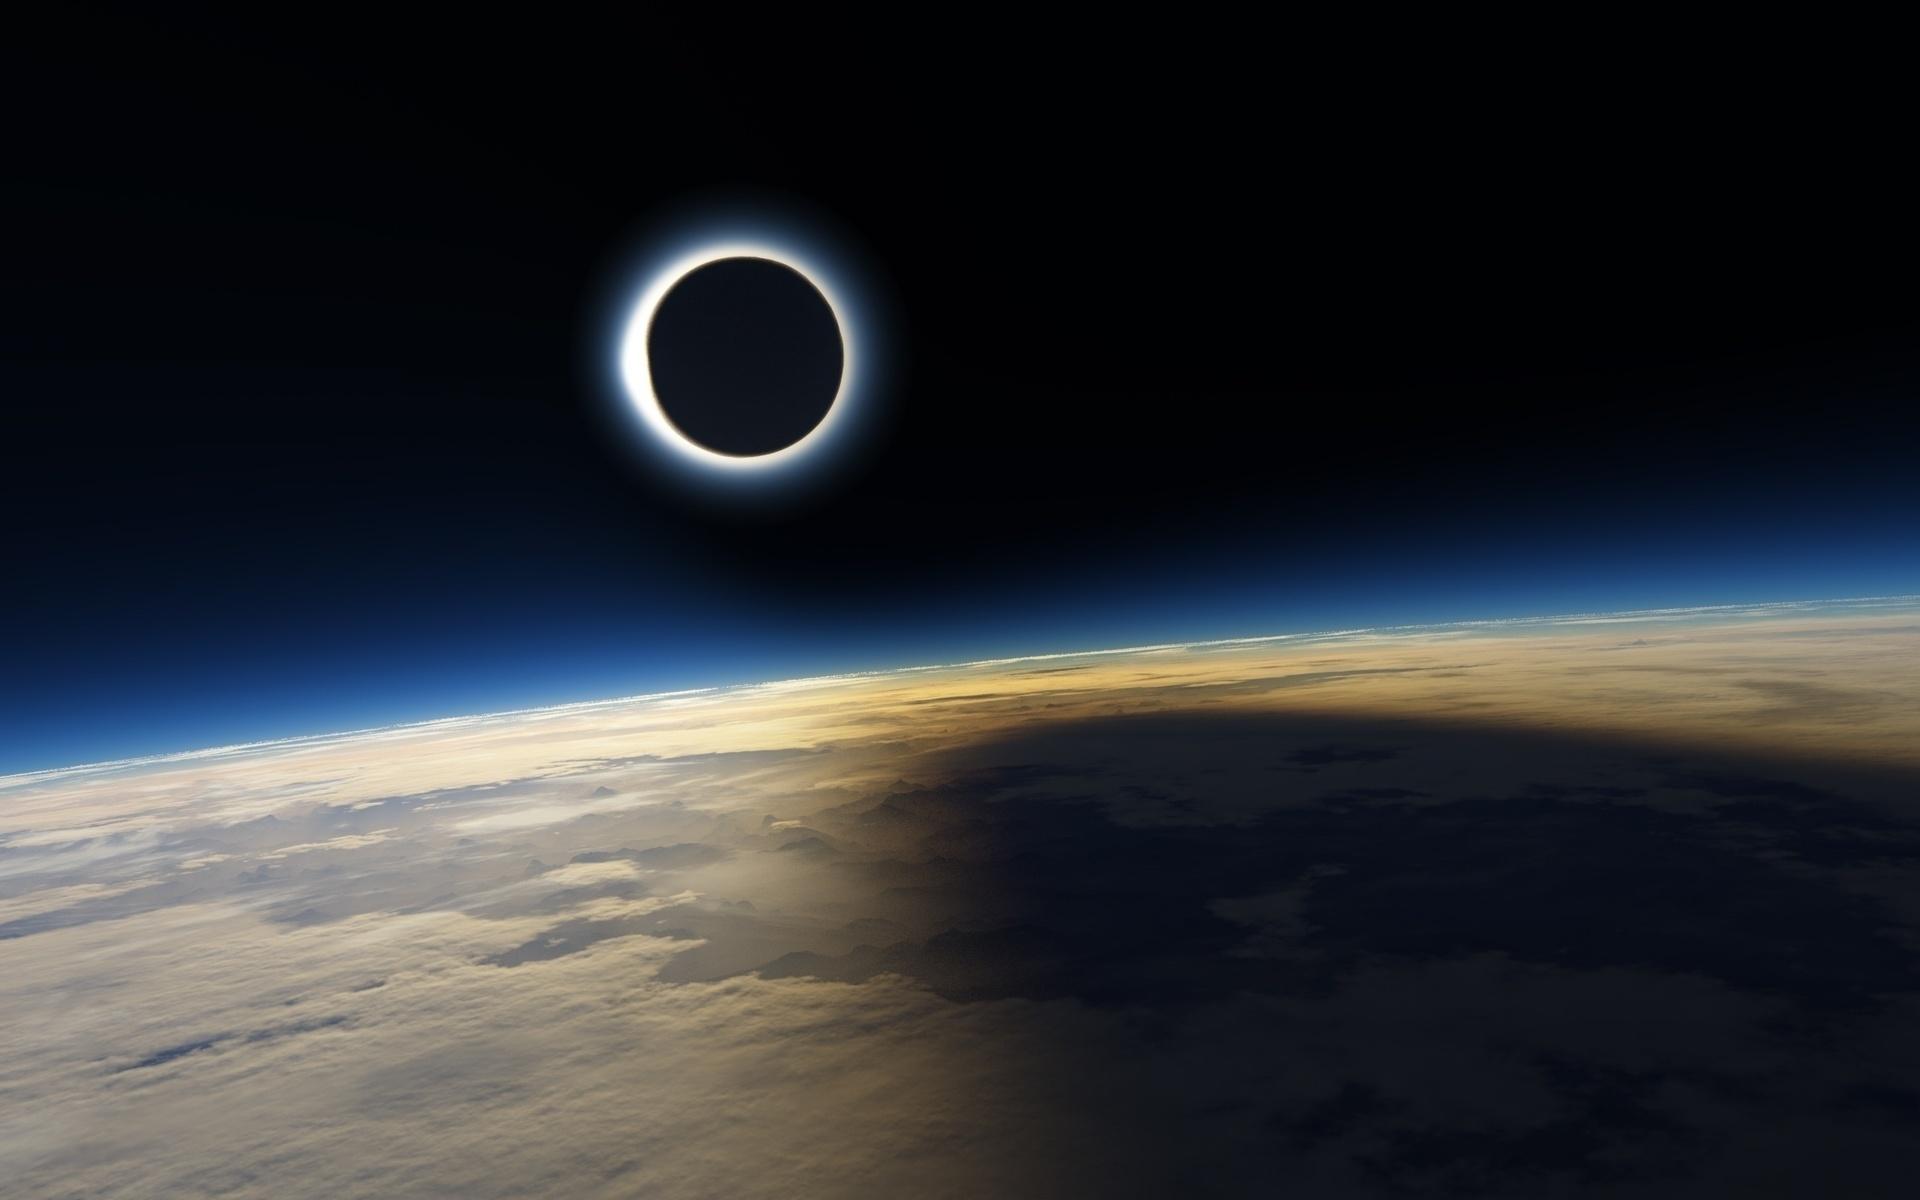 Картинки солнца и луны в космосе